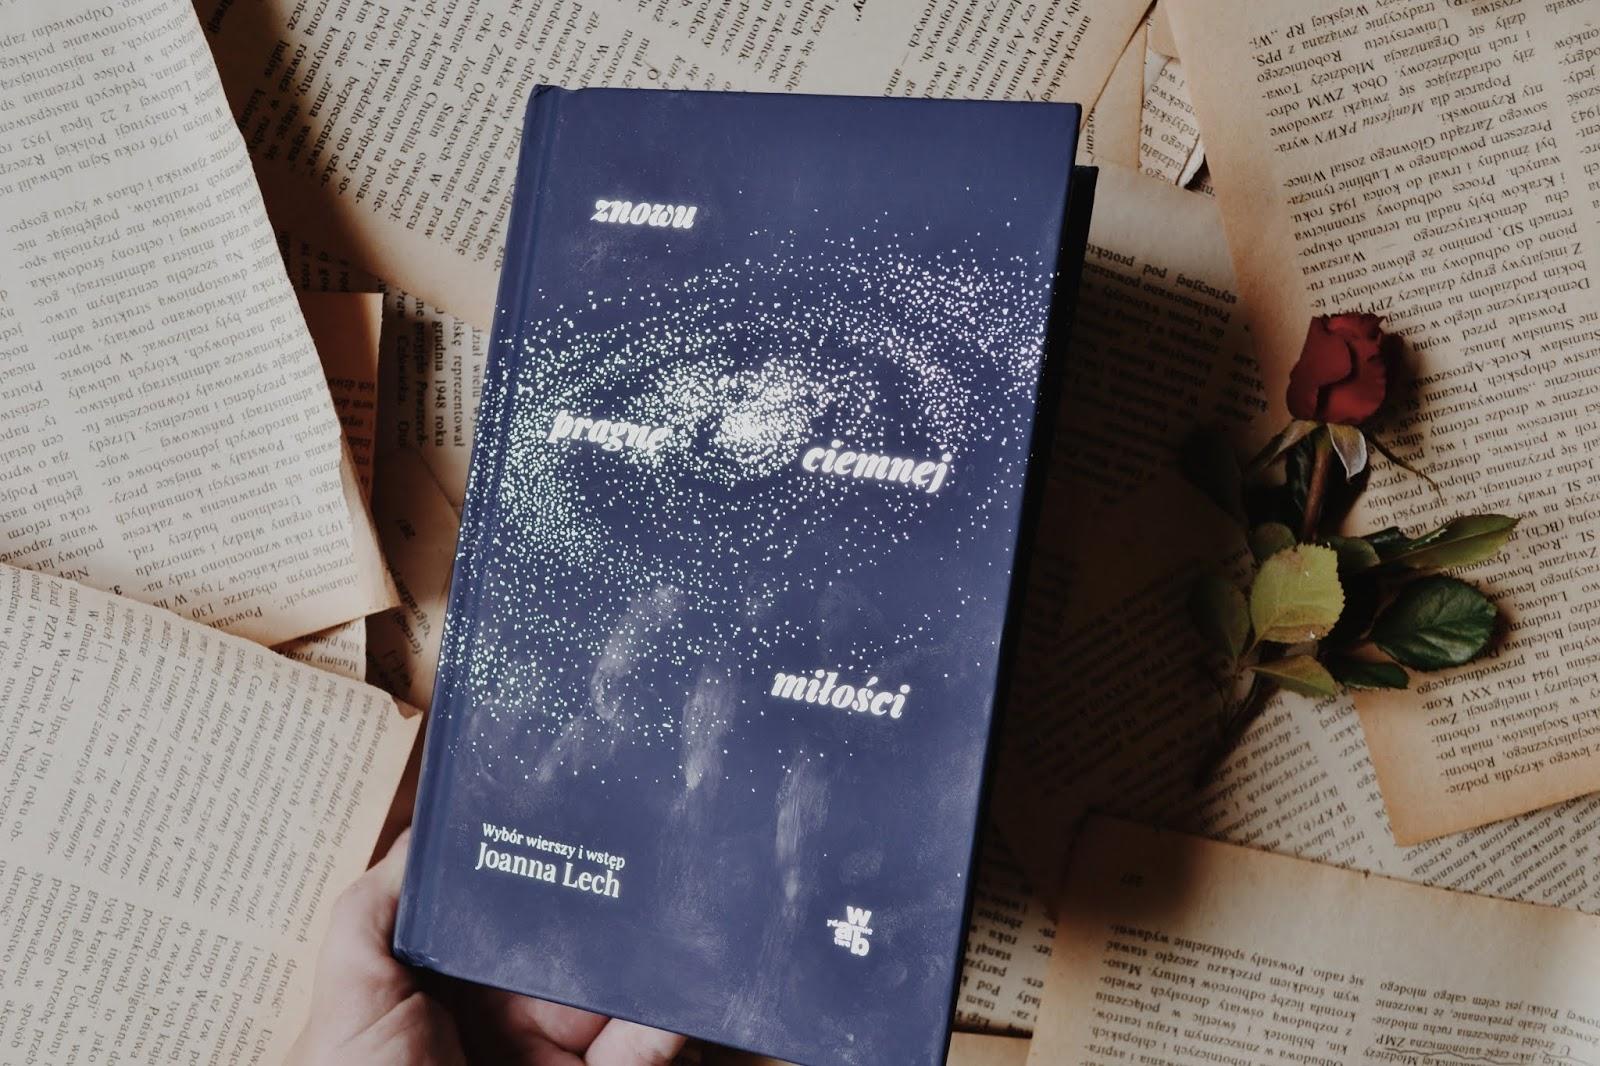 Znowu Pragnę Ciemnej Miłości Książki Dobre Jak Czekolada